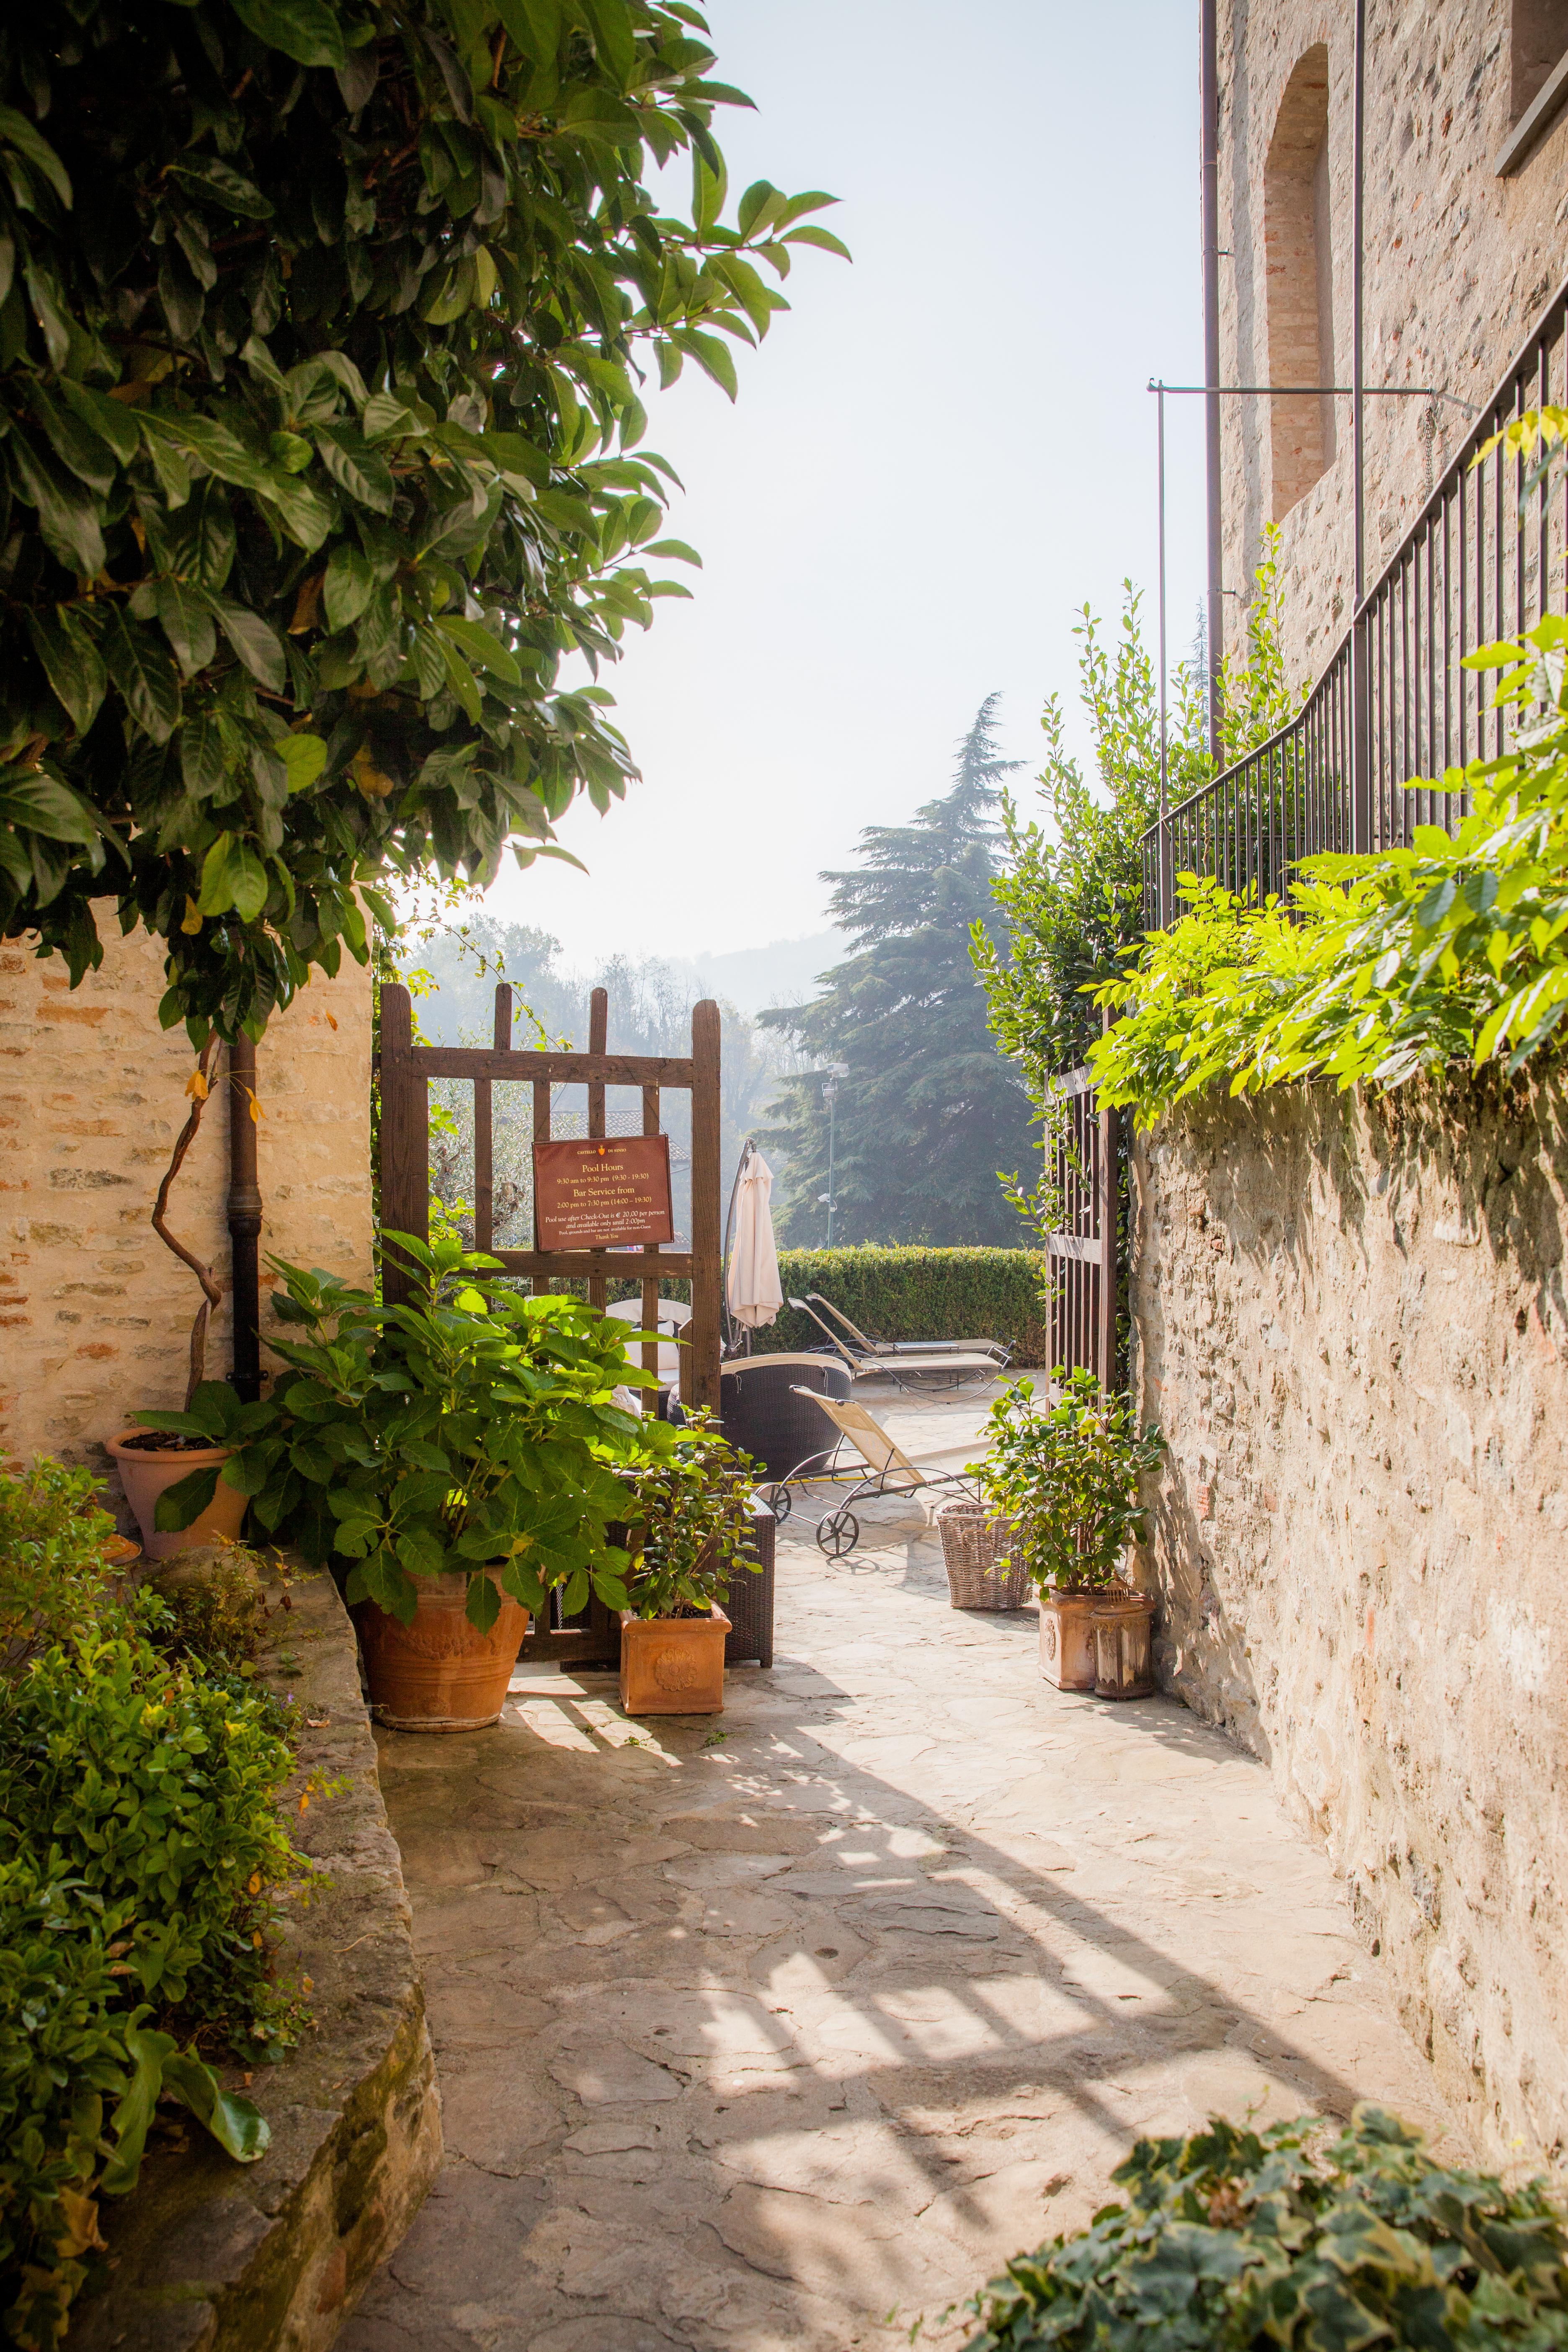 Giardino-213-part